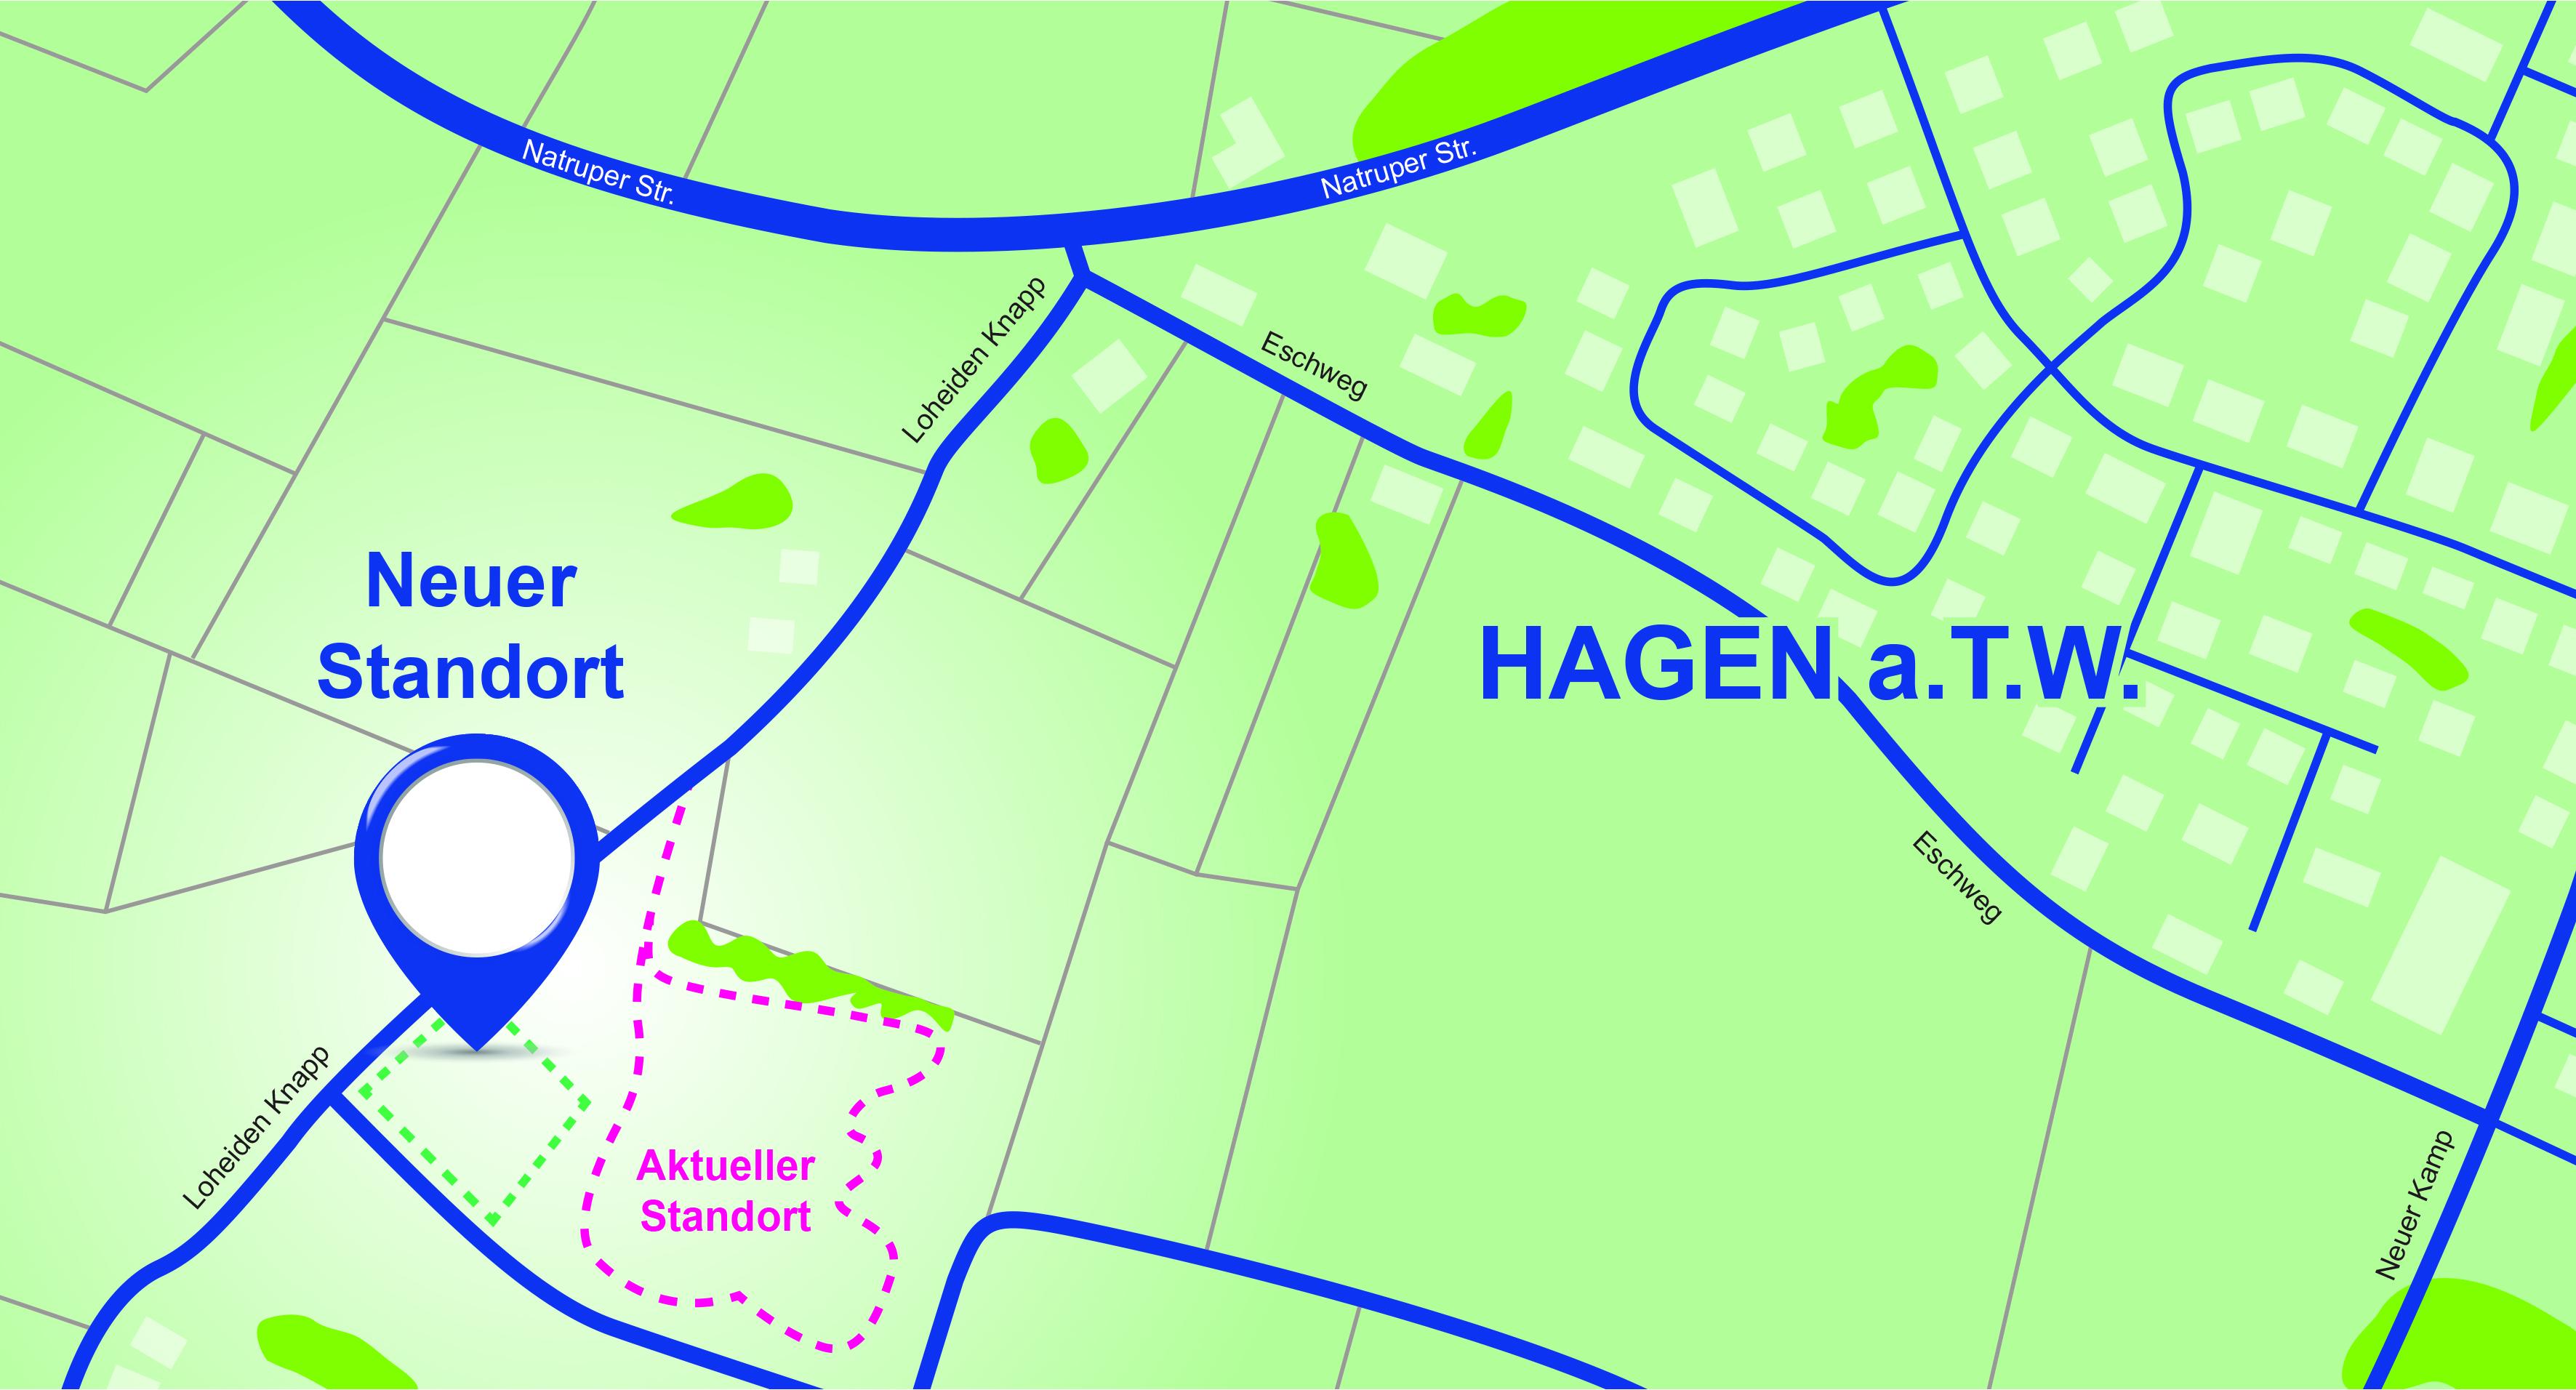 Die Karte zeigt, dass sich der neue Standort direkt neben dem aktuellen Platz befindet.